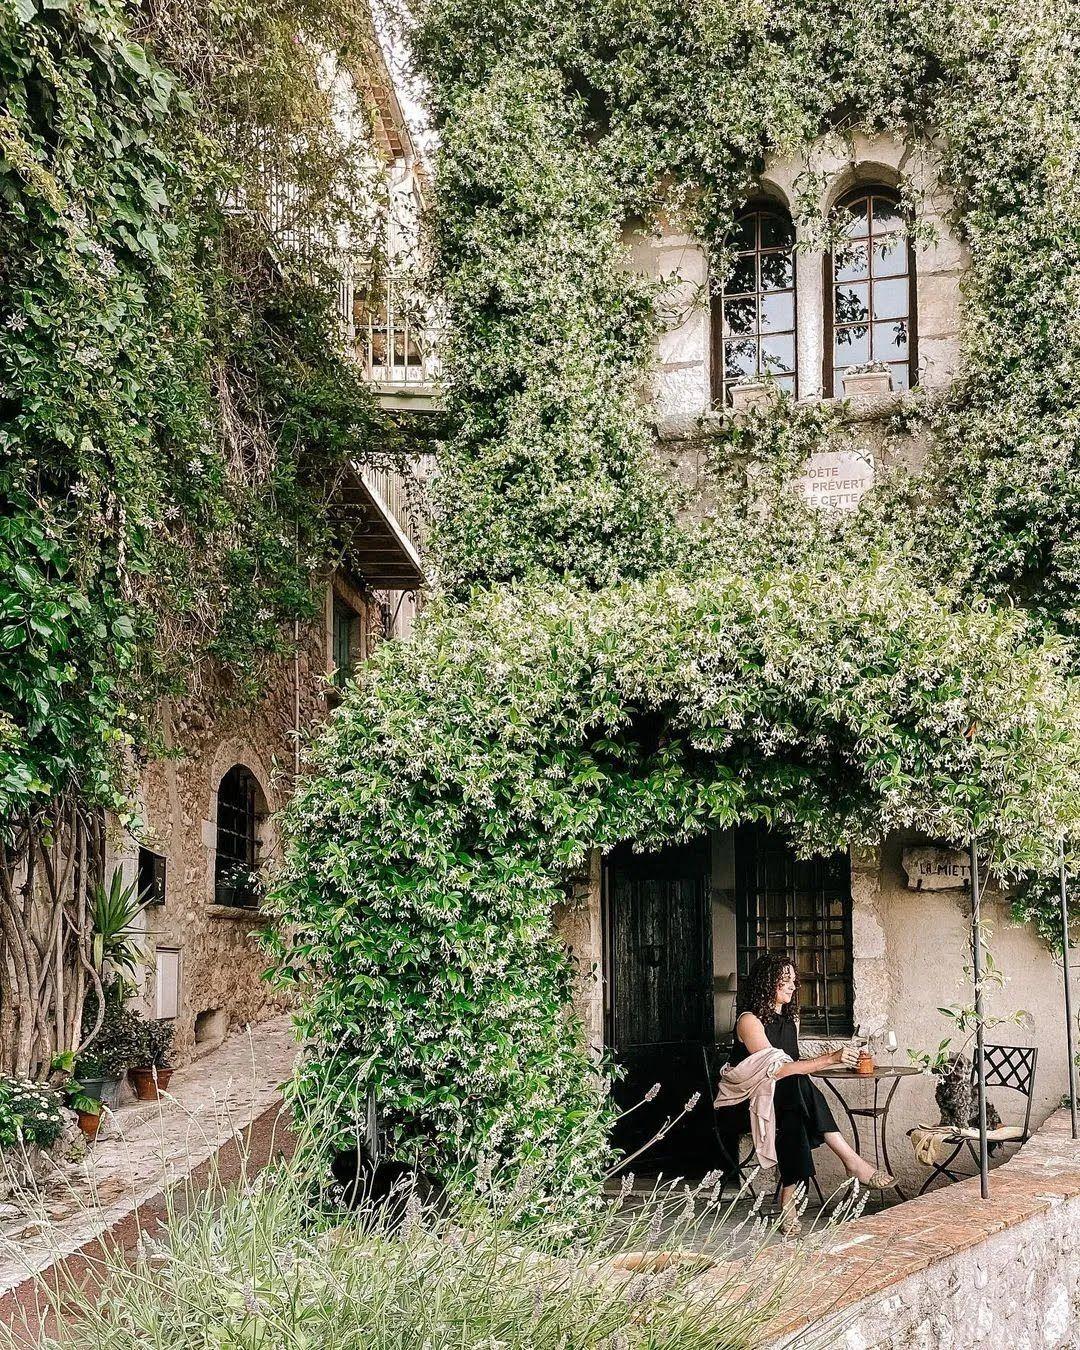 Сен-Поль-де-Ванс – середньовічне містечко у Франції, яке давно перетворилося в галерею мистецтв